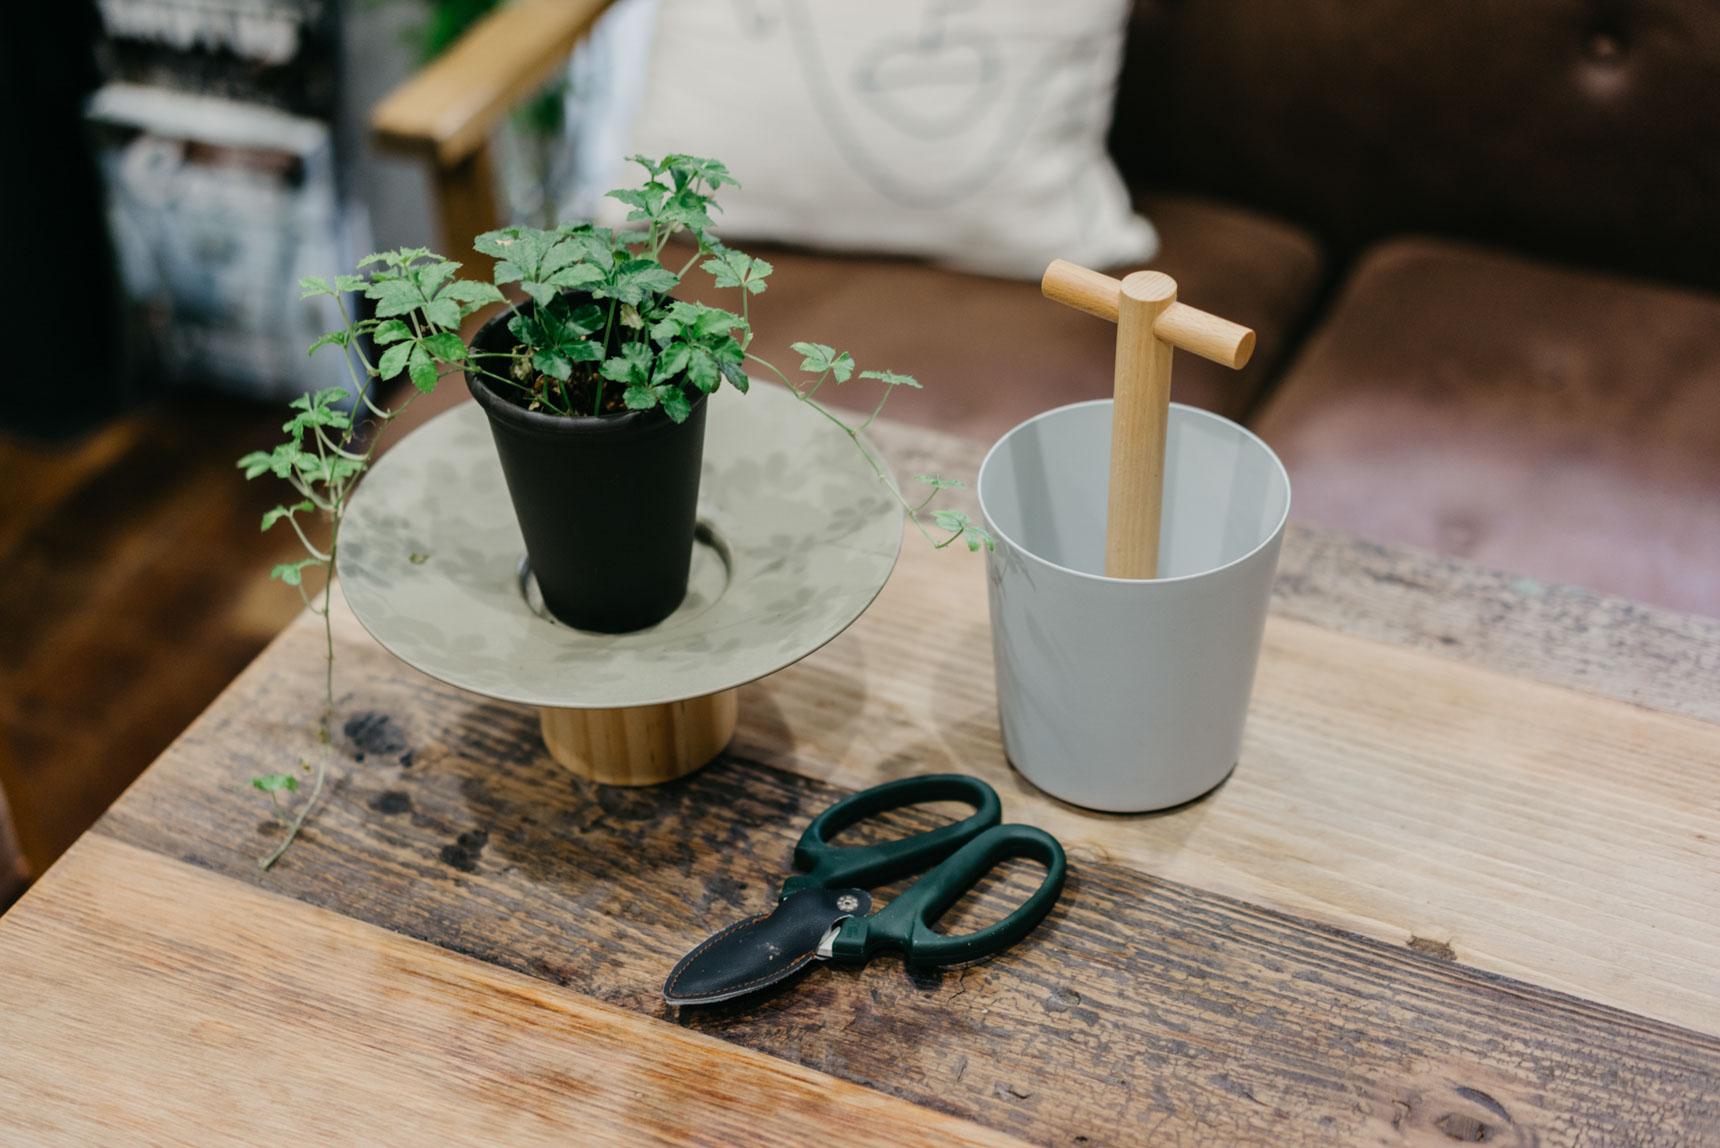 paopaorunrunさんのお部屋では、グリーンをのせるための「Platorm Bowl」と、お手入れアイテムを入れるために「General Bucket」のふたつを愛用中。